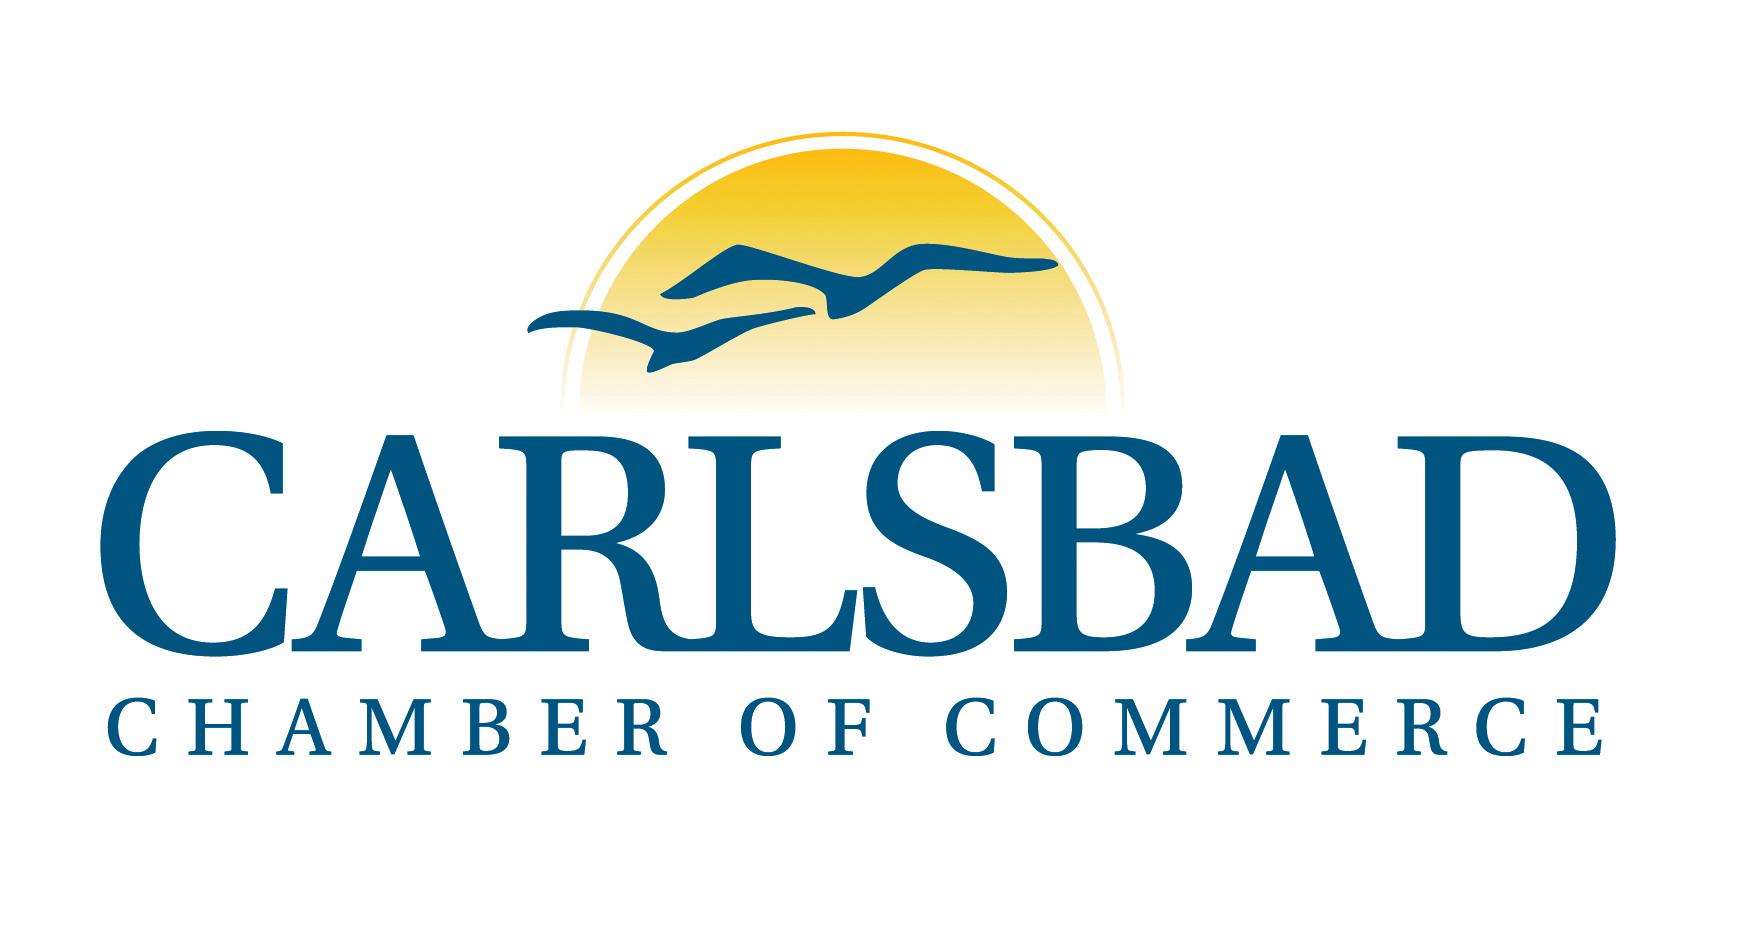 carlsbad-chamber-of-commerce-logo.jpg